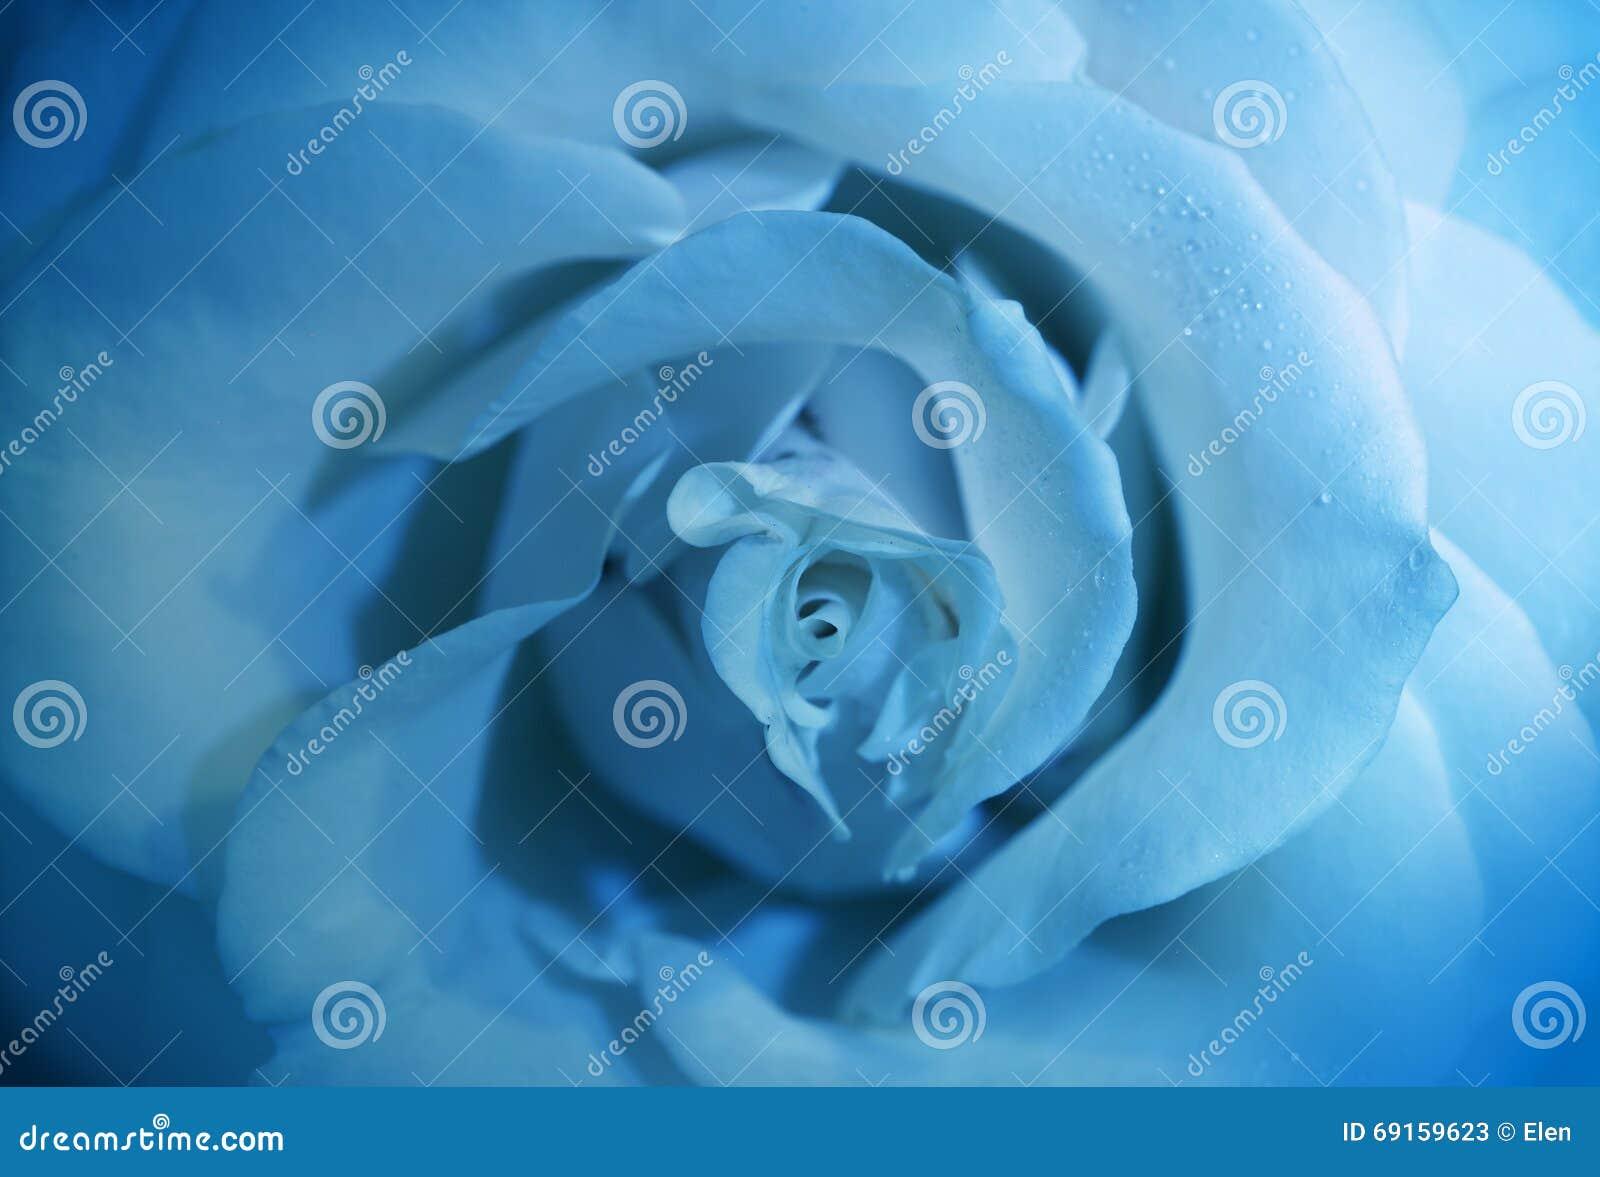 Flower Blue Rose With Morning Dew. Light, Freshness.